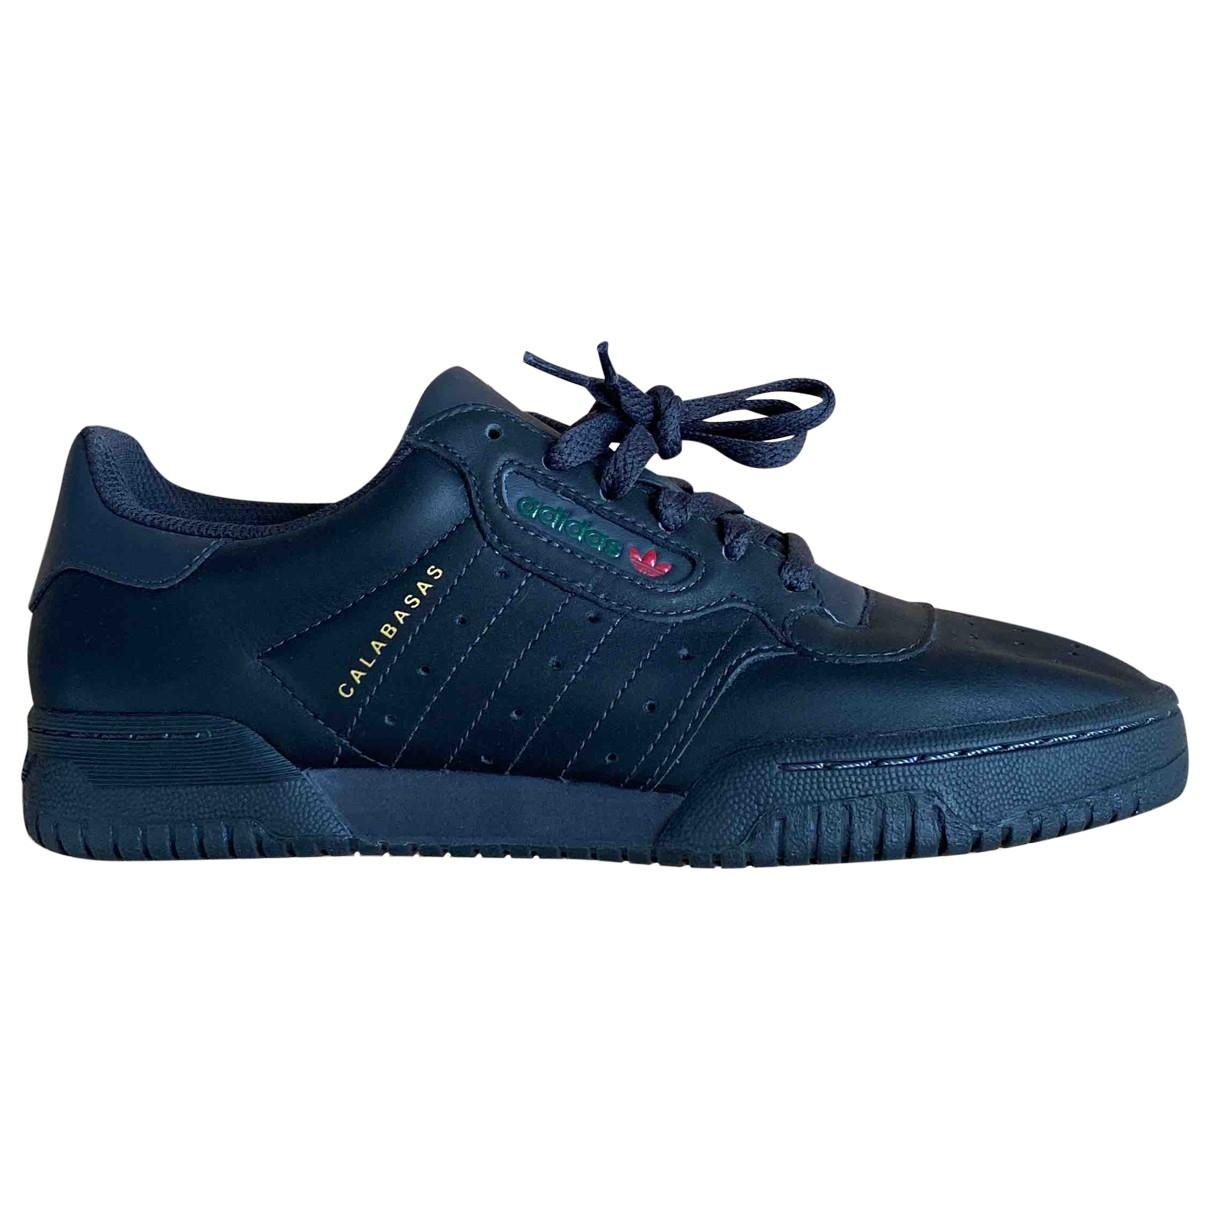 Yeezy X Adidas - Baskets POWERPHASE pour femme en cuir - noir